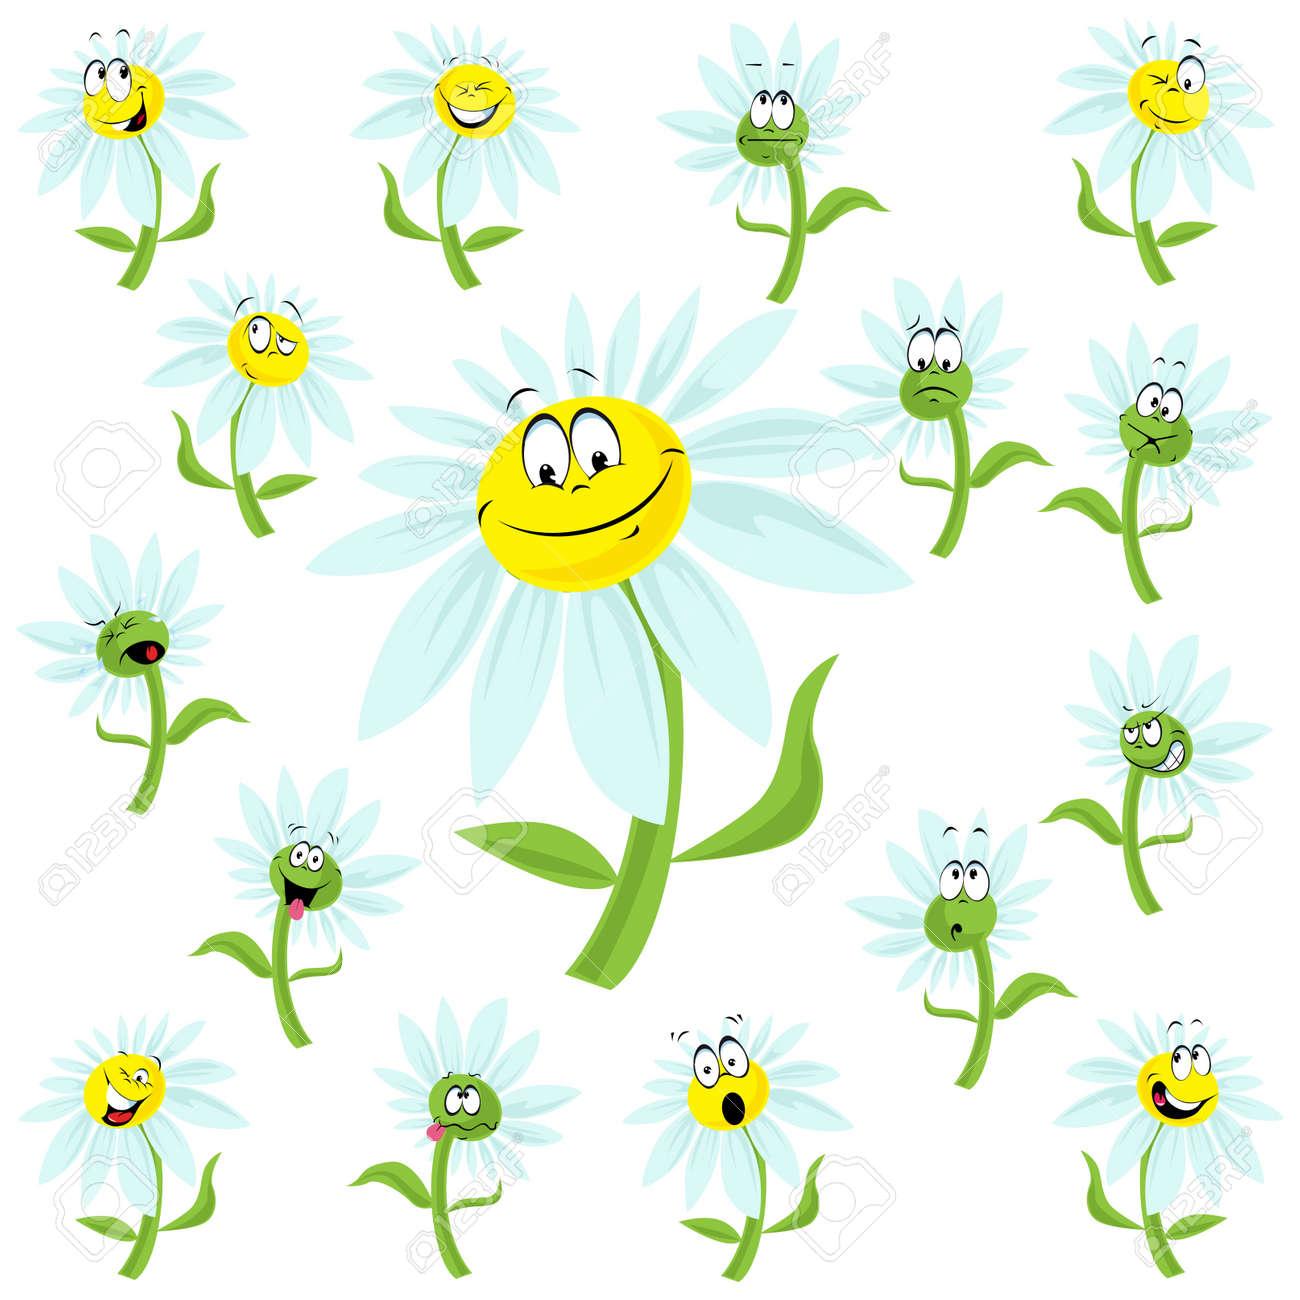 Happy daisy flower cartoon royalty free cliparts vectors and stock happy daisy flower cartoon stock vector 11129641 izmirmasajfo